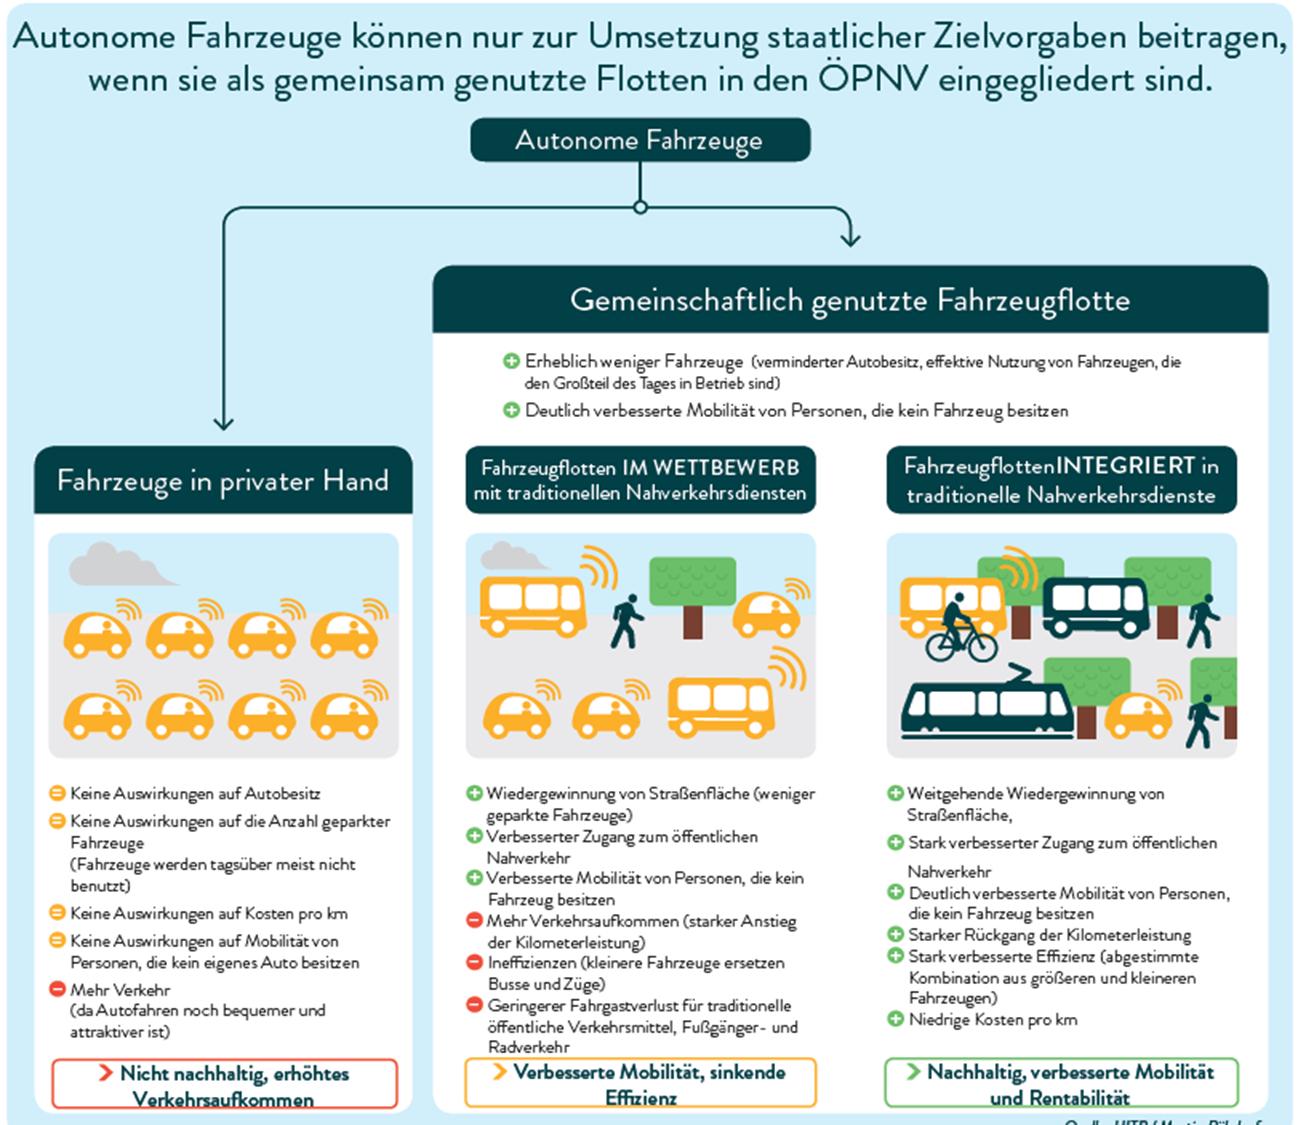 Alternative Szenarien für die Einführung autonomer Fahrzeuge (Quelle: UITP)